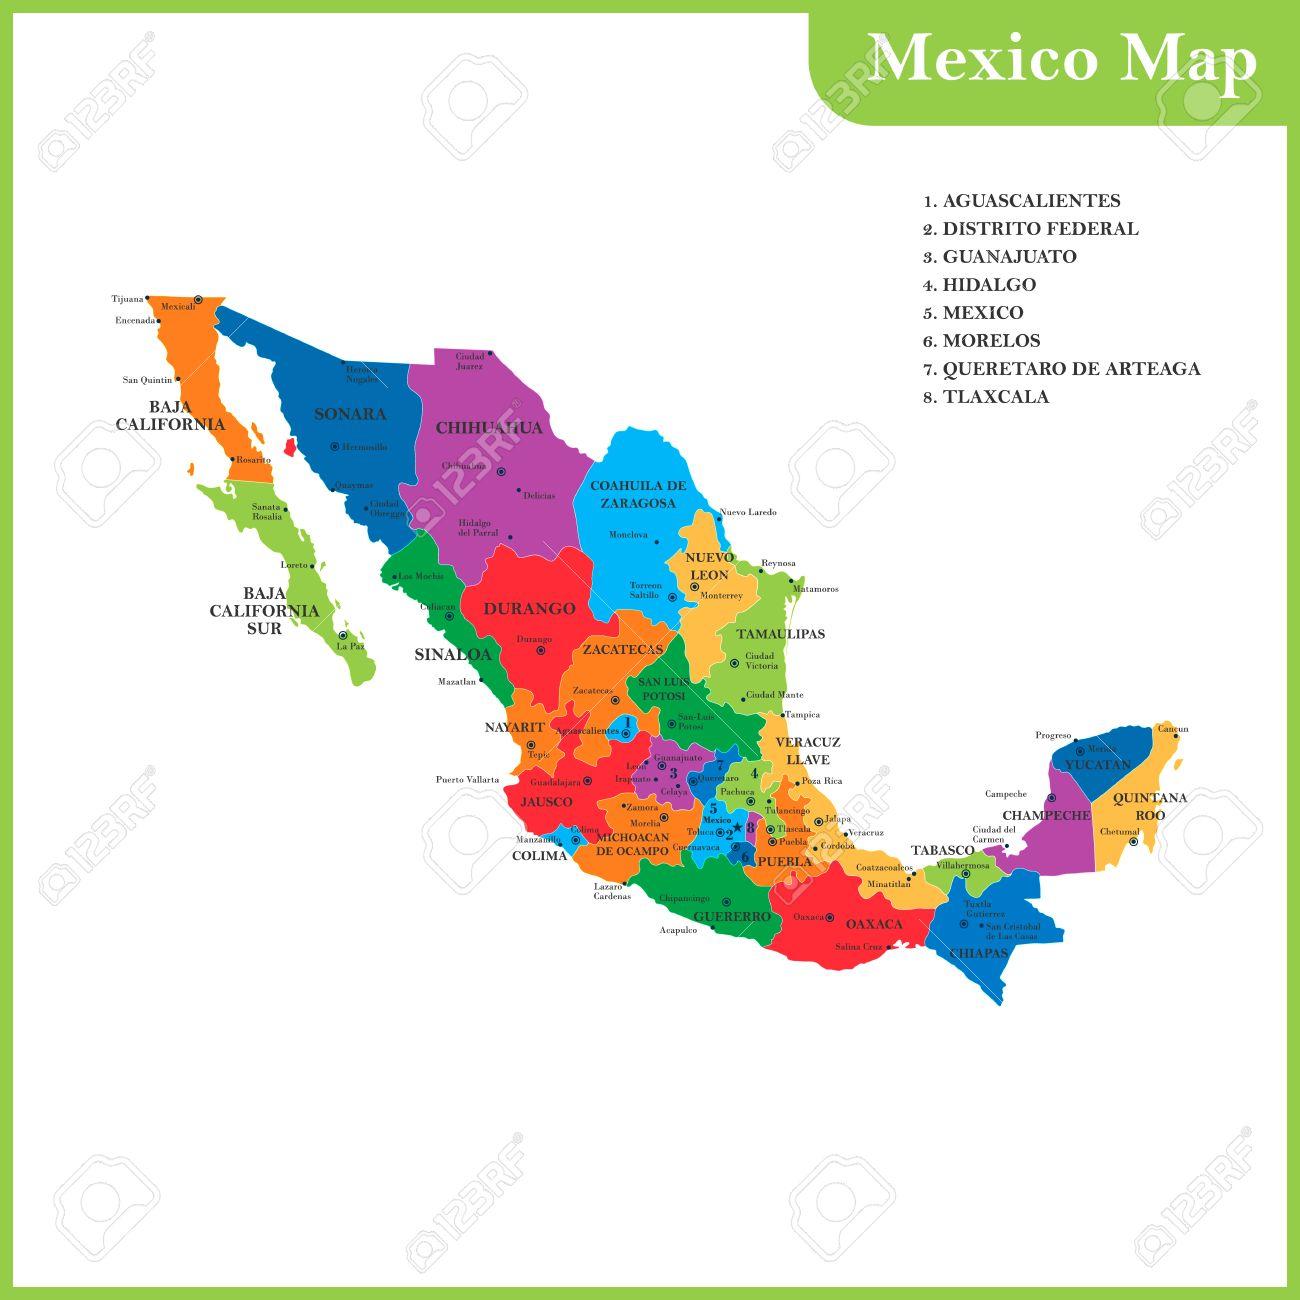 Cartina Dettagliata Messico.Vettoriale La Mappa Dettagliata Del Messico Con Regioni O Stati E Citta Capitali Image 74784660